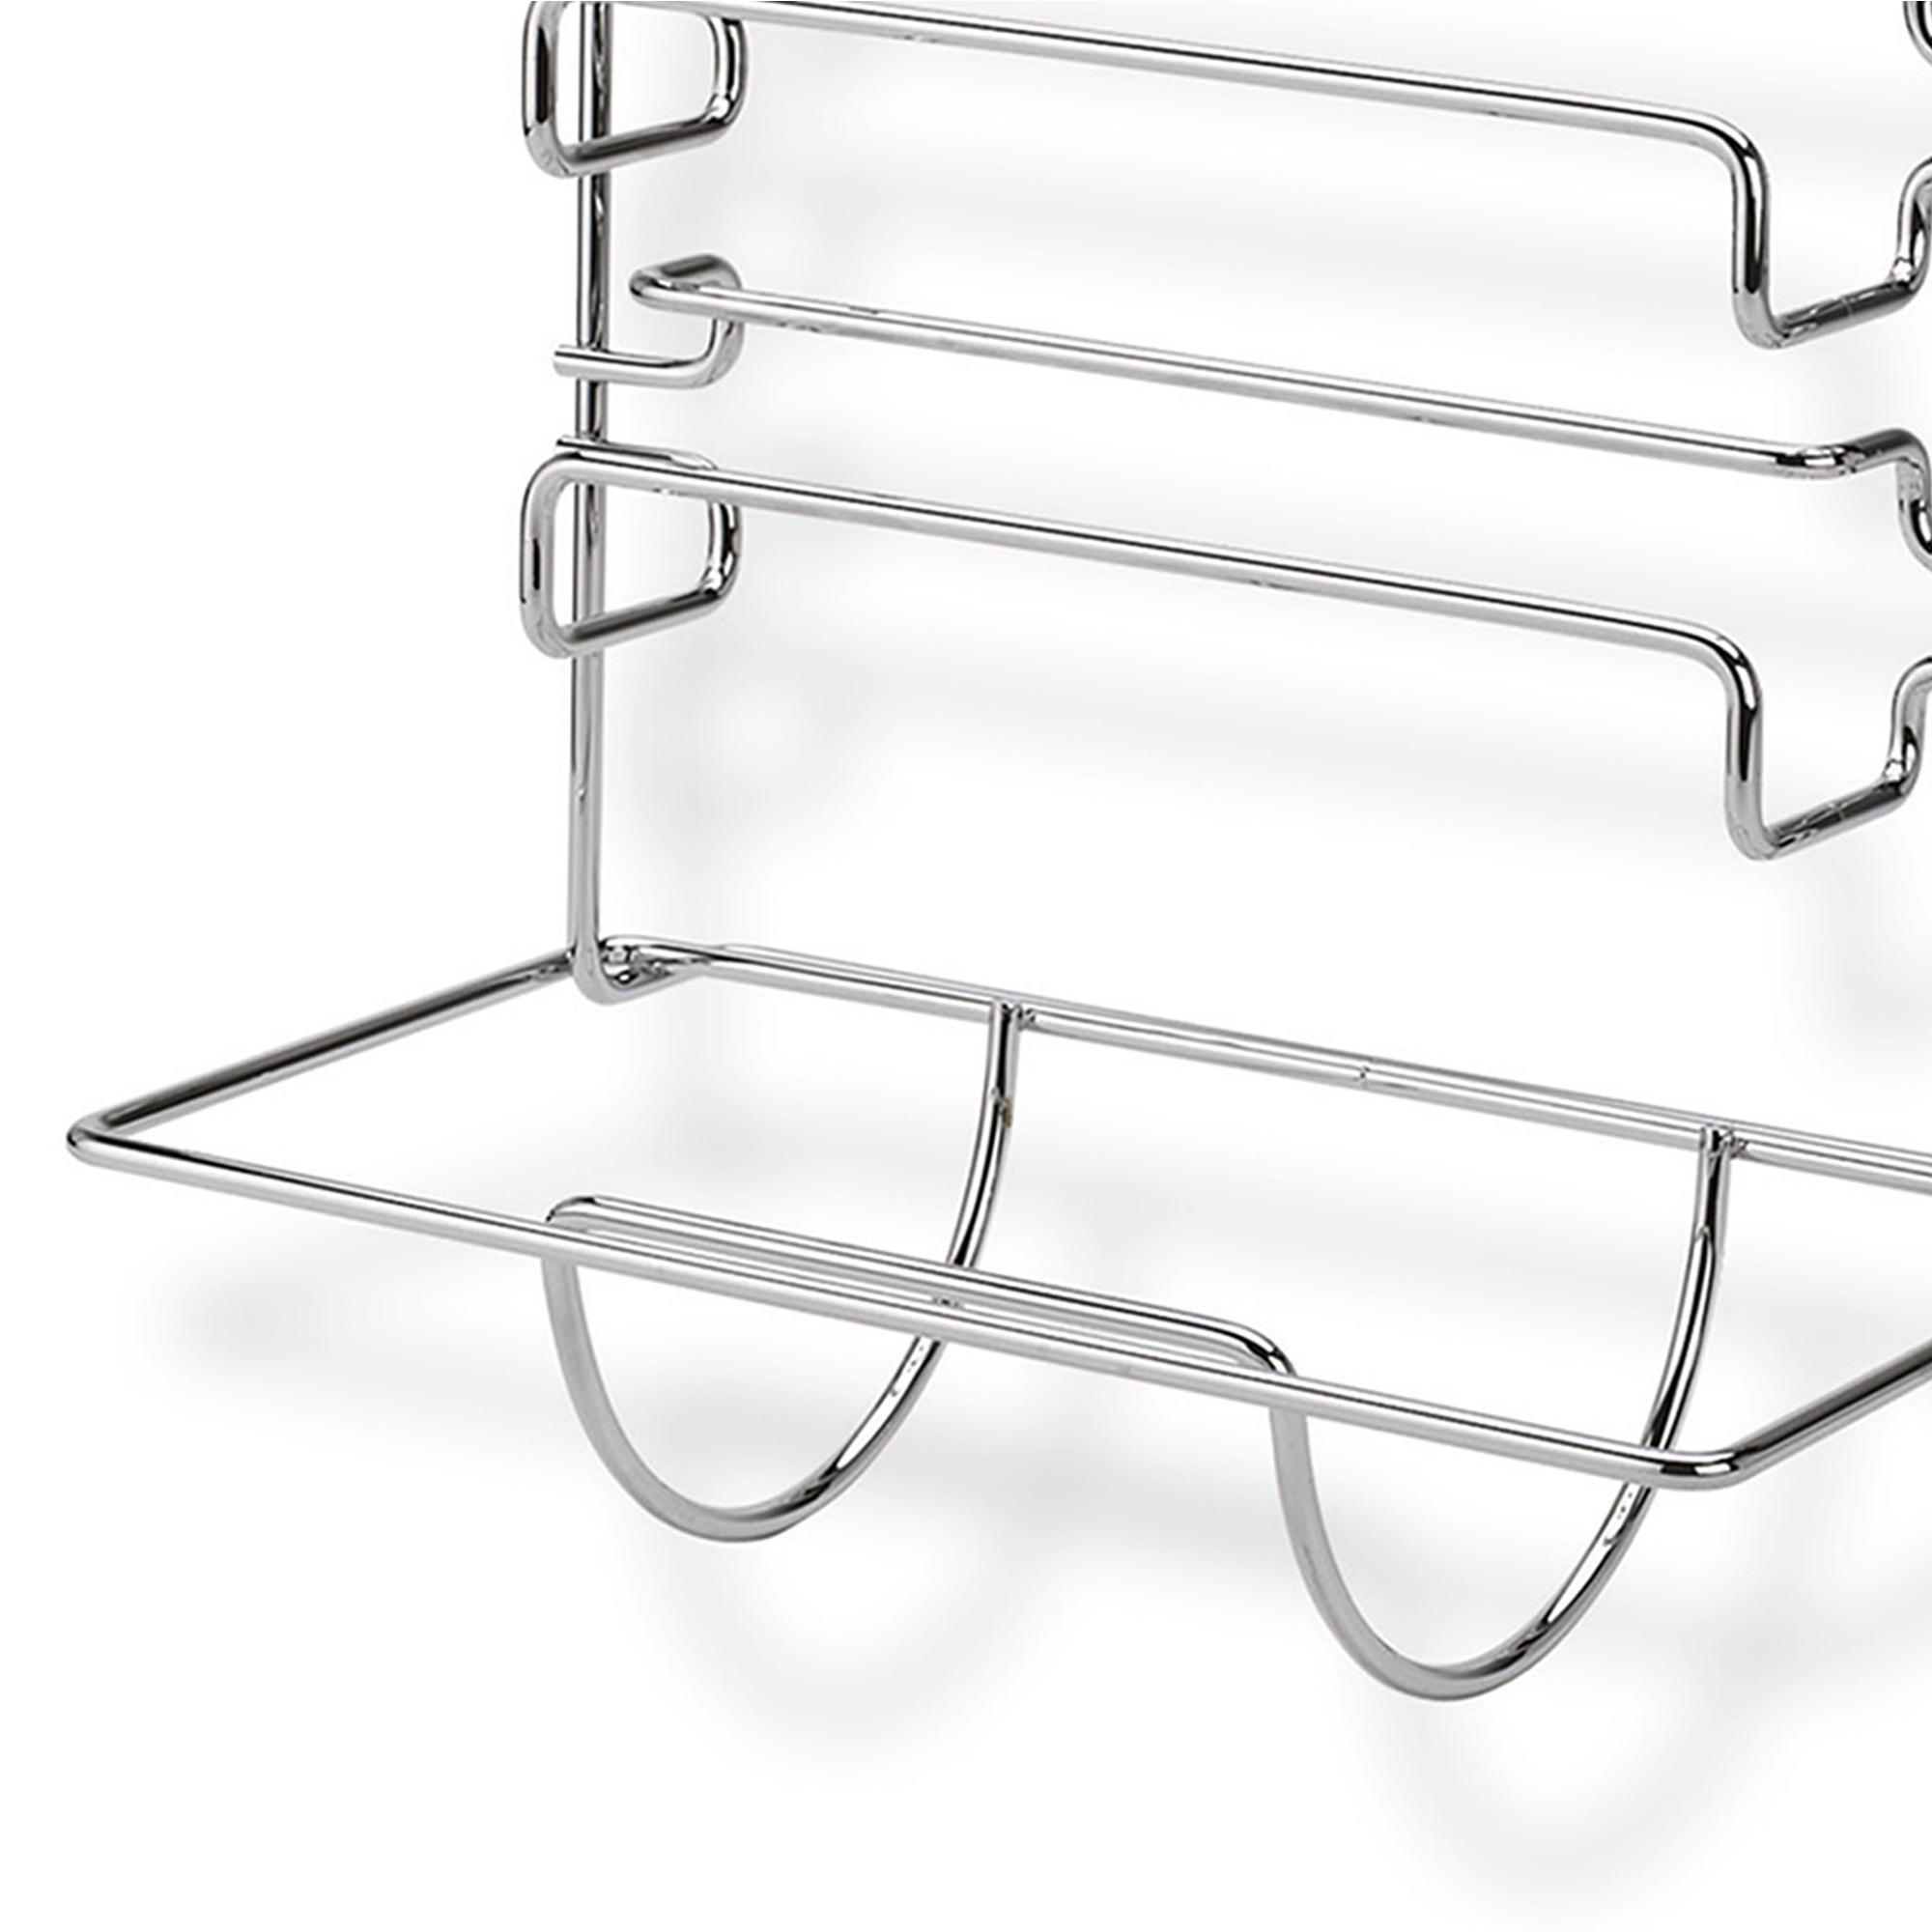 Portarotoli tris 30x19xh38 cm applicabile alla barra da - Barra portautensili cucina ...